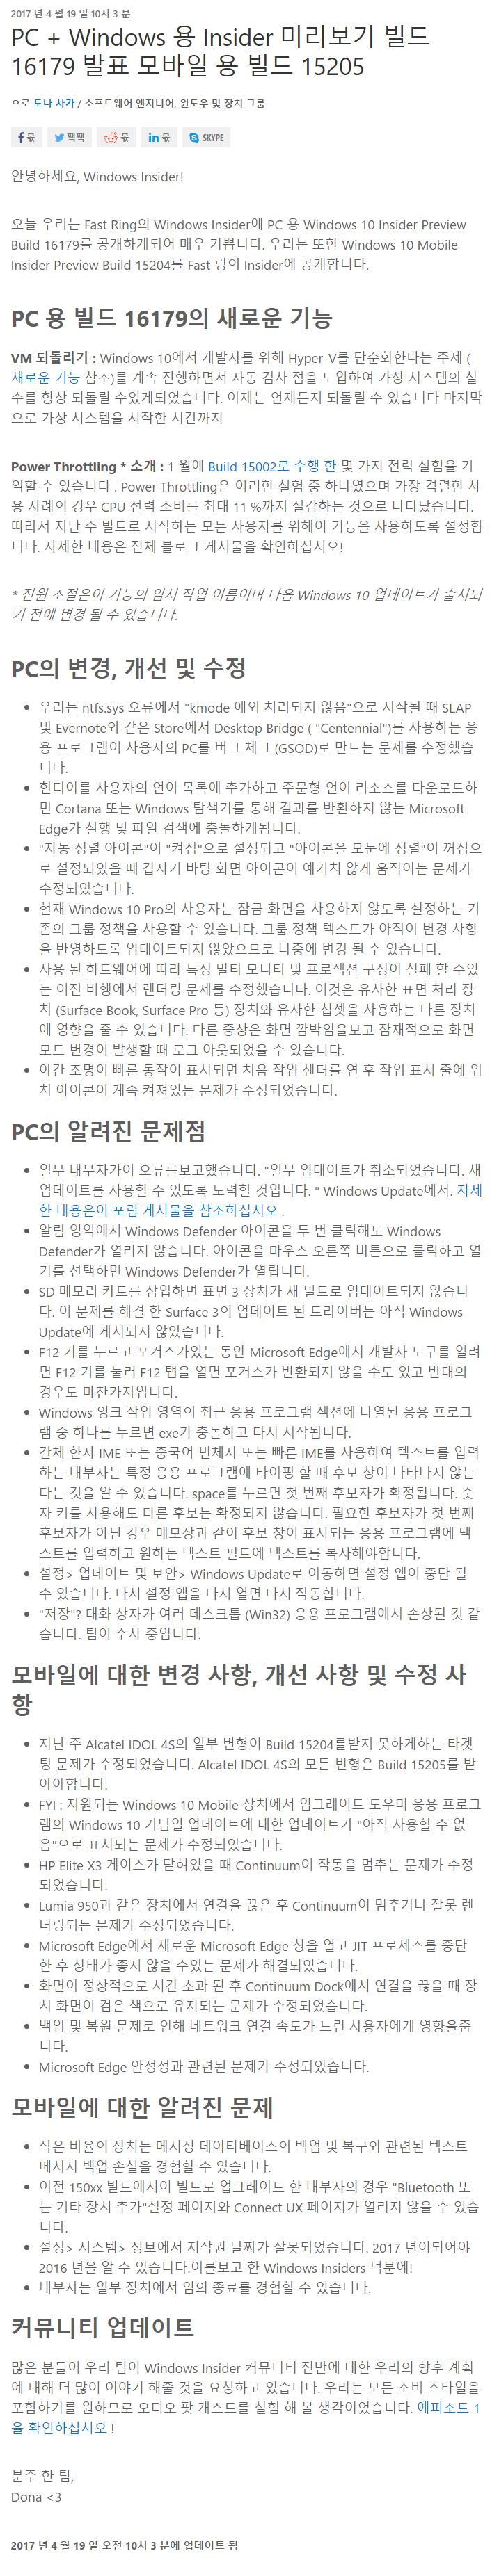 윈도10 레드스톤3 인사이더 프리뷰 16179 빌드 나왔네요 2017-04-20_031658.jpg